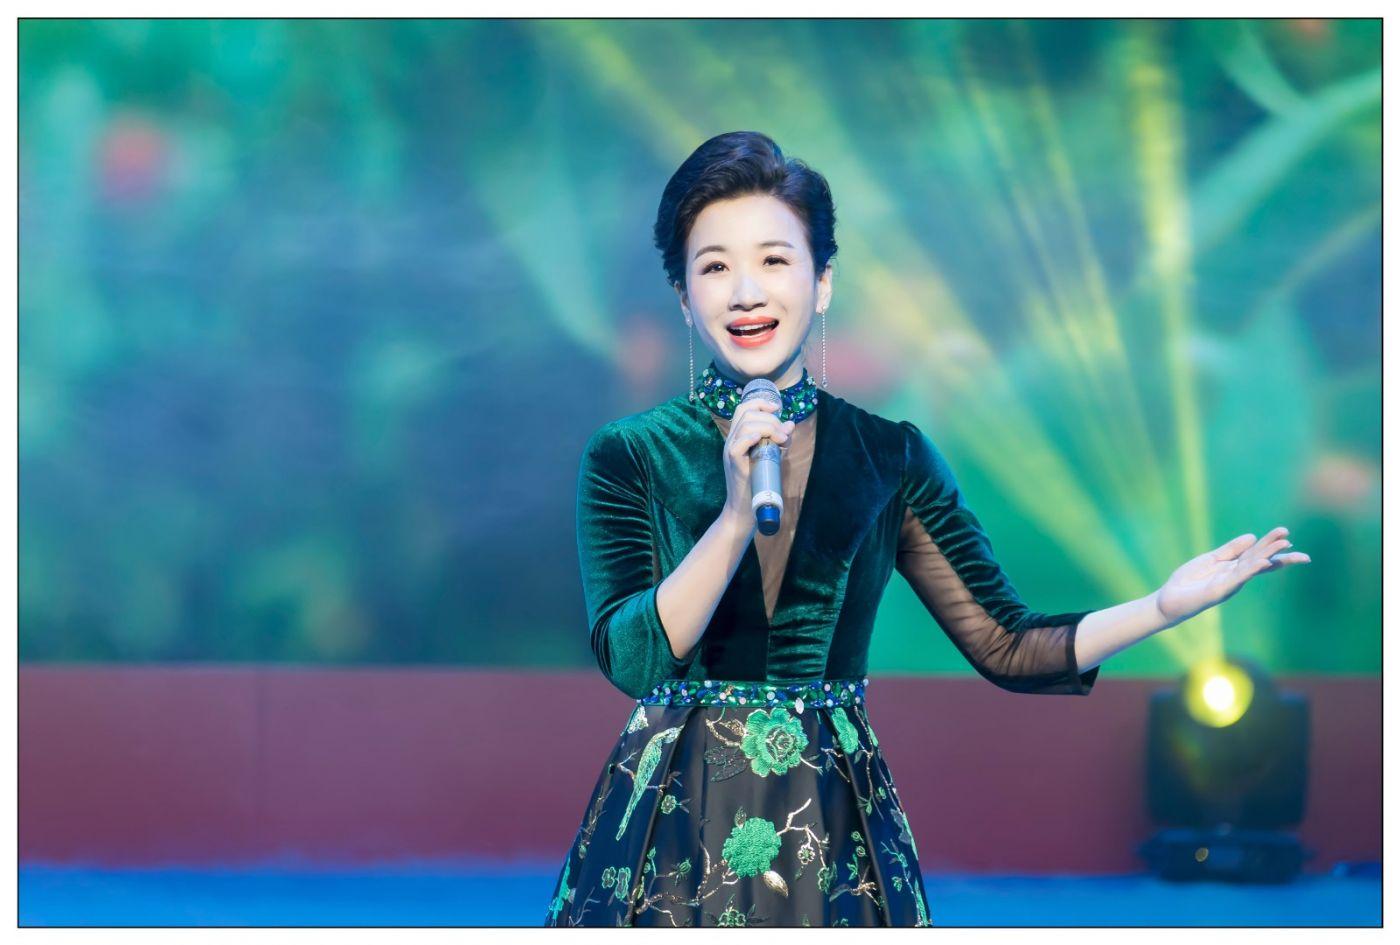 又见星光大道冠军歌手张海军 1月26央视播出 将自己唱哭的歌手 ..._图1-13